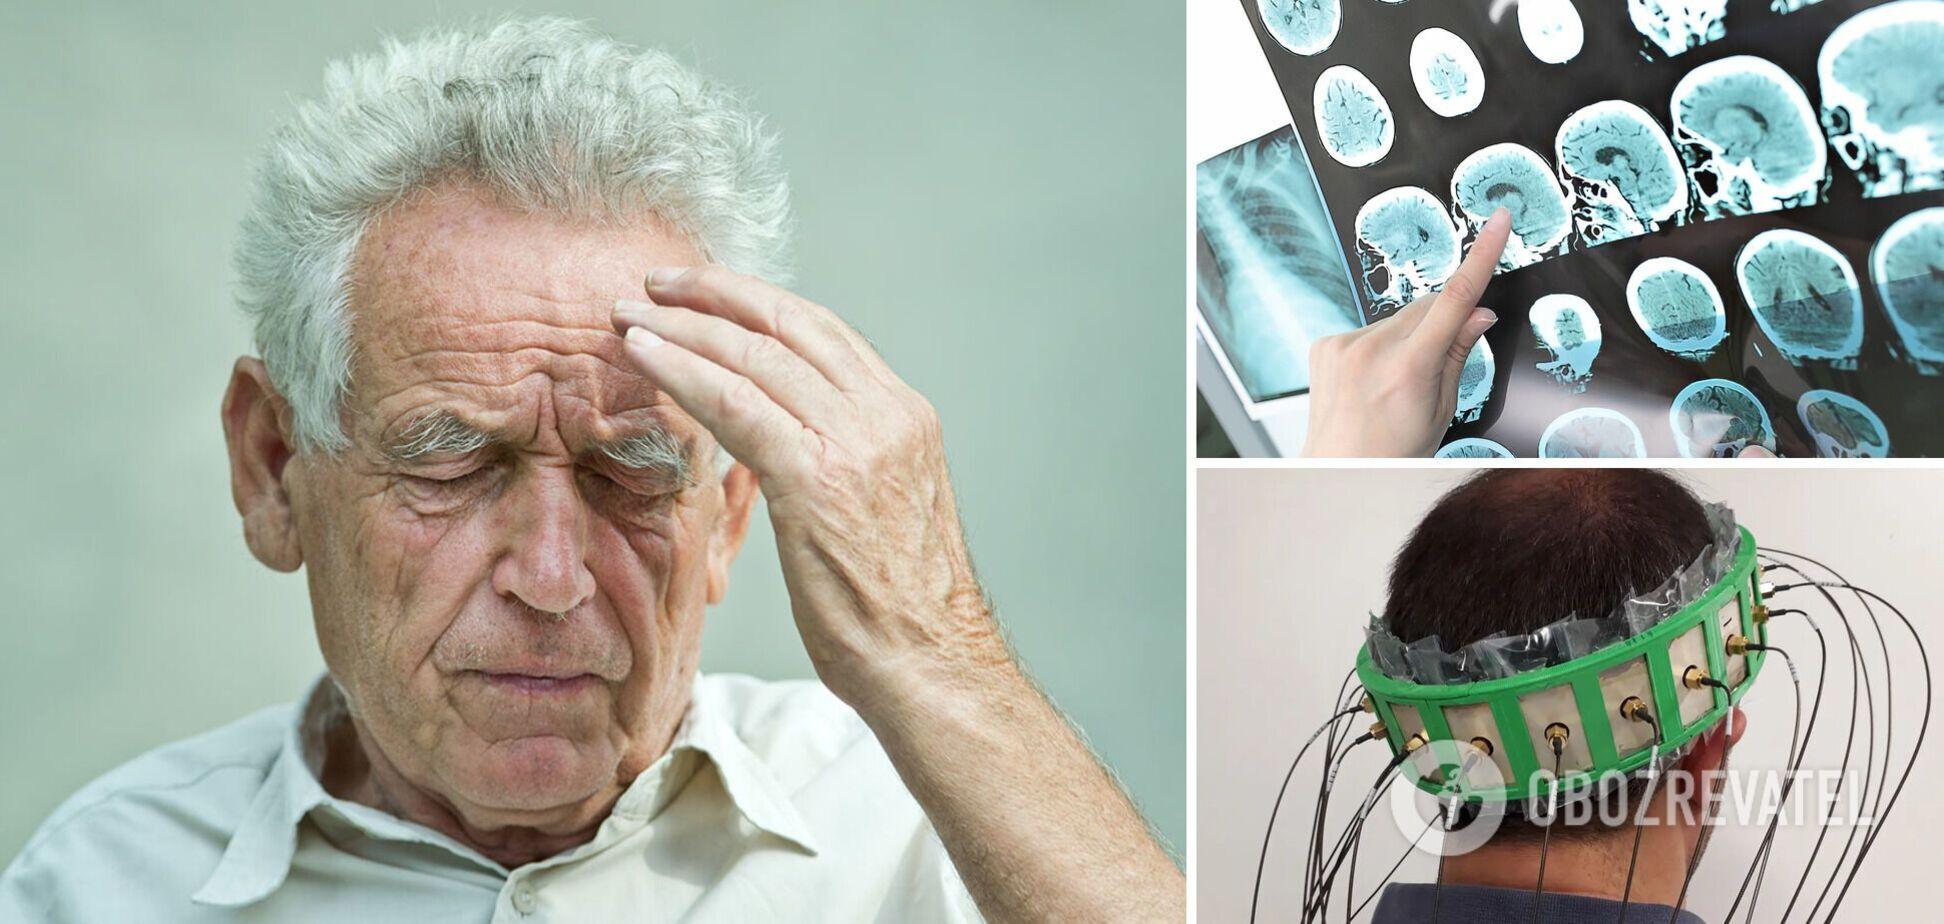 В Италии создали 'умный' шлем для ранней диагностики инсульта